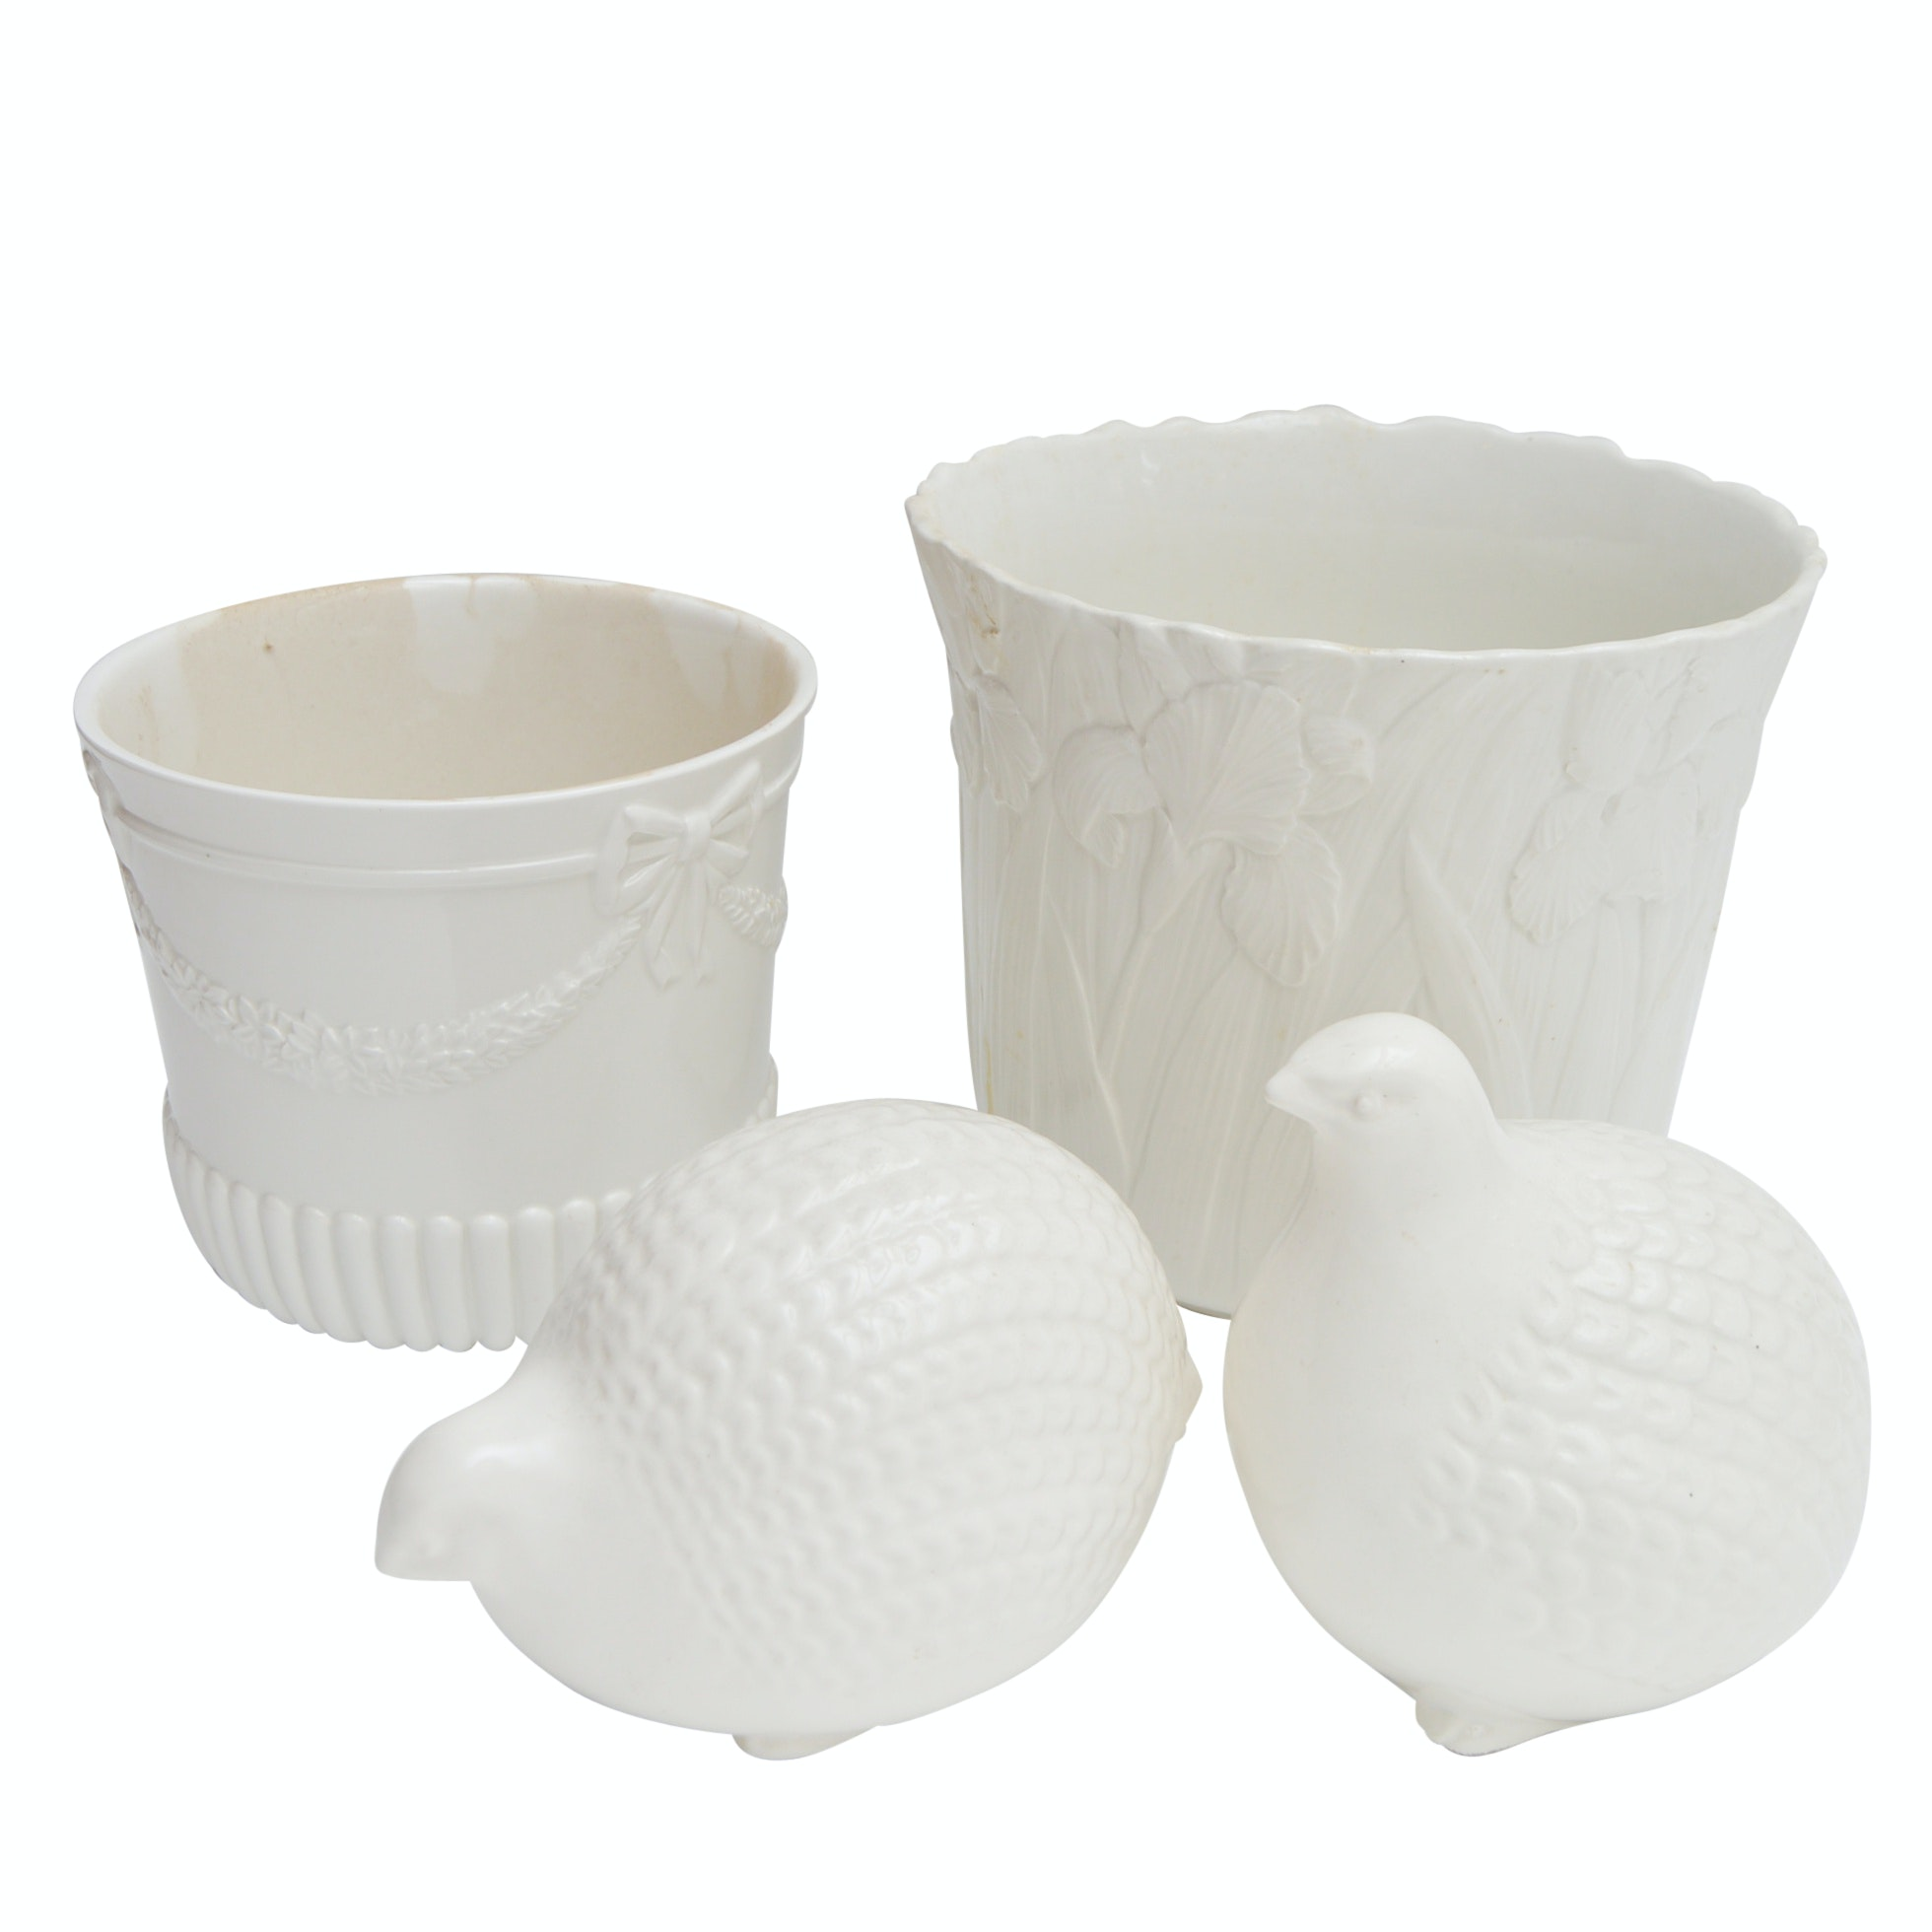 White Ceramic Planters and Quail Figurines